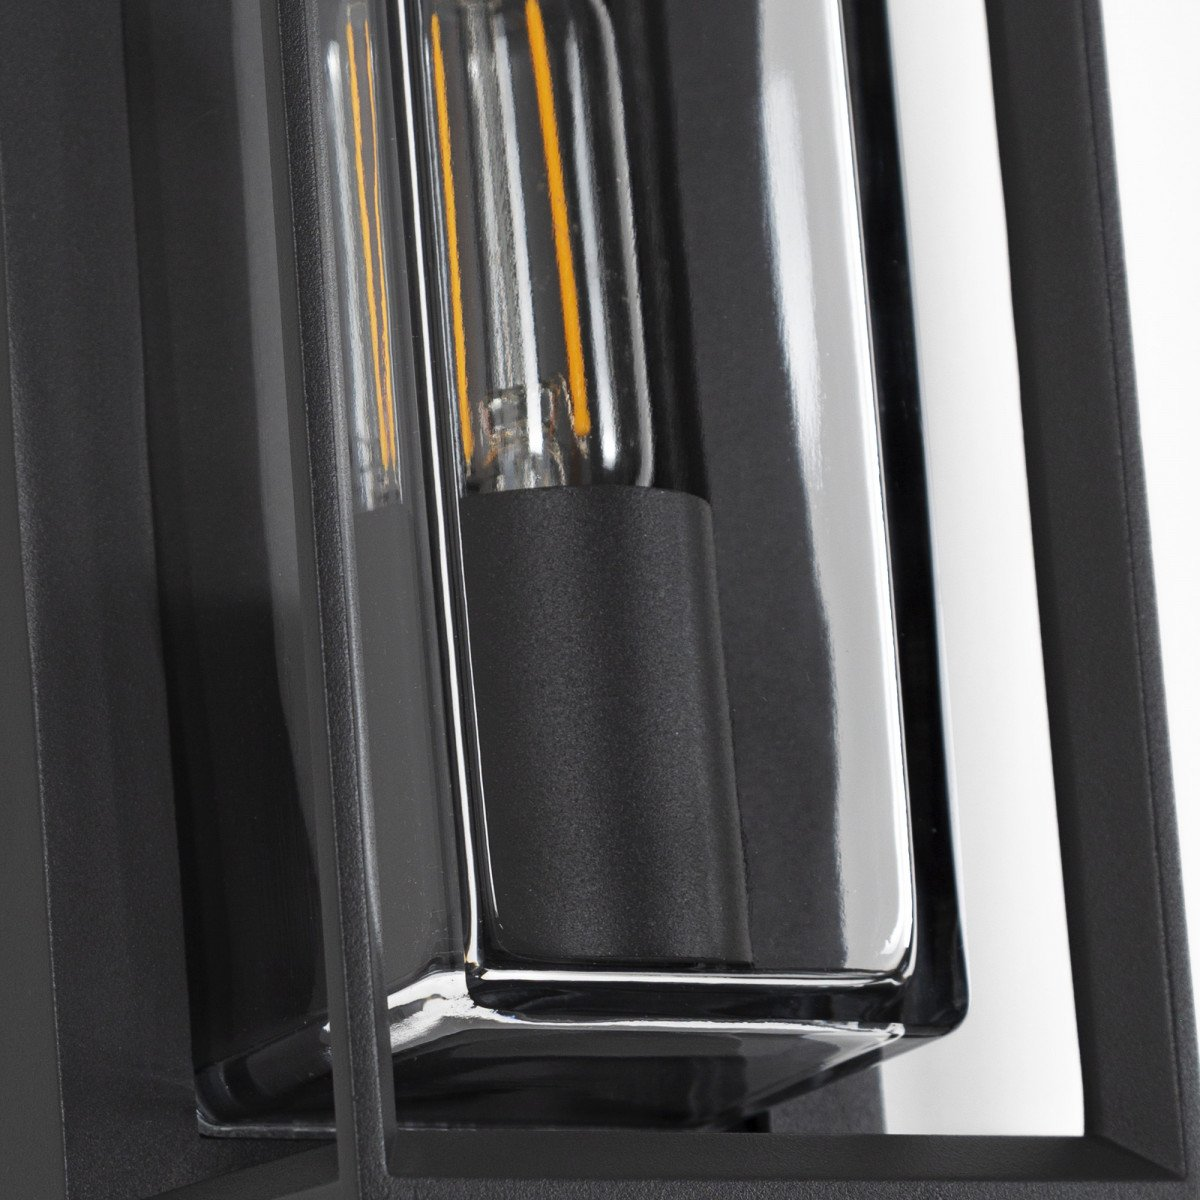 Eaton wandlamp zwart, stijlvol strak vormgegeven wandverlichting voor buiten met heldere beglazing, buitenverlichting wandverlichting modern  KS Verlichting